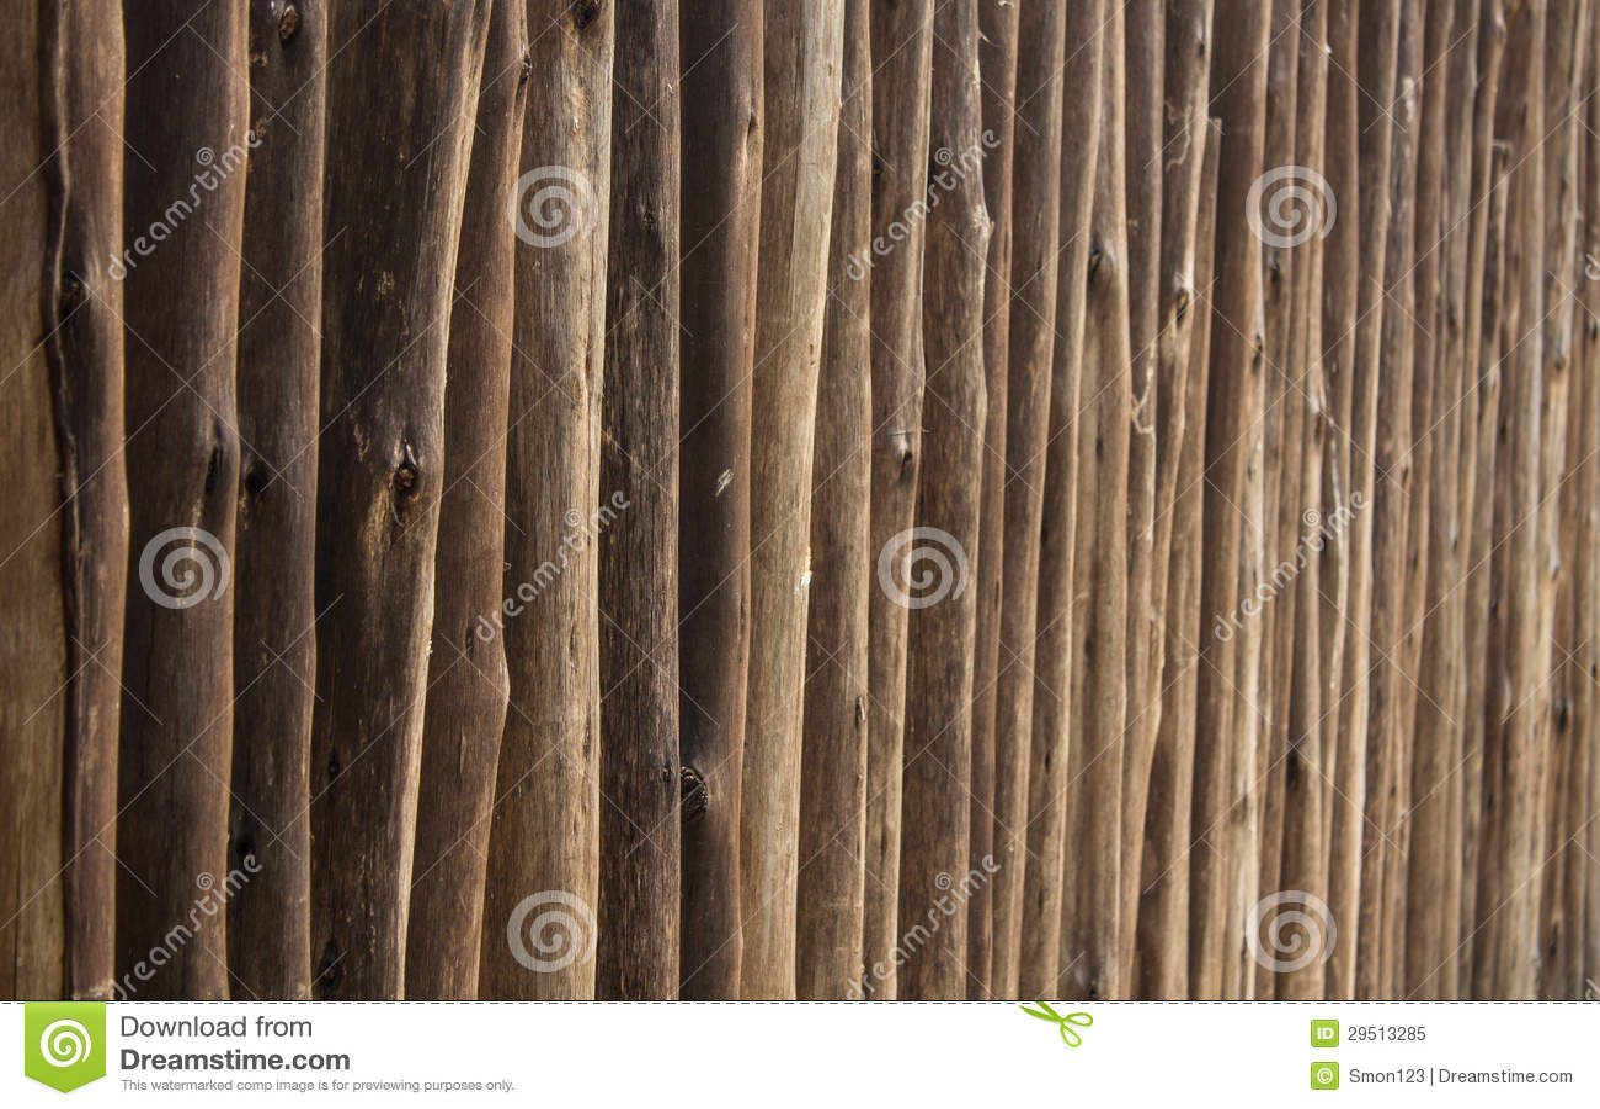 De muur van het hout